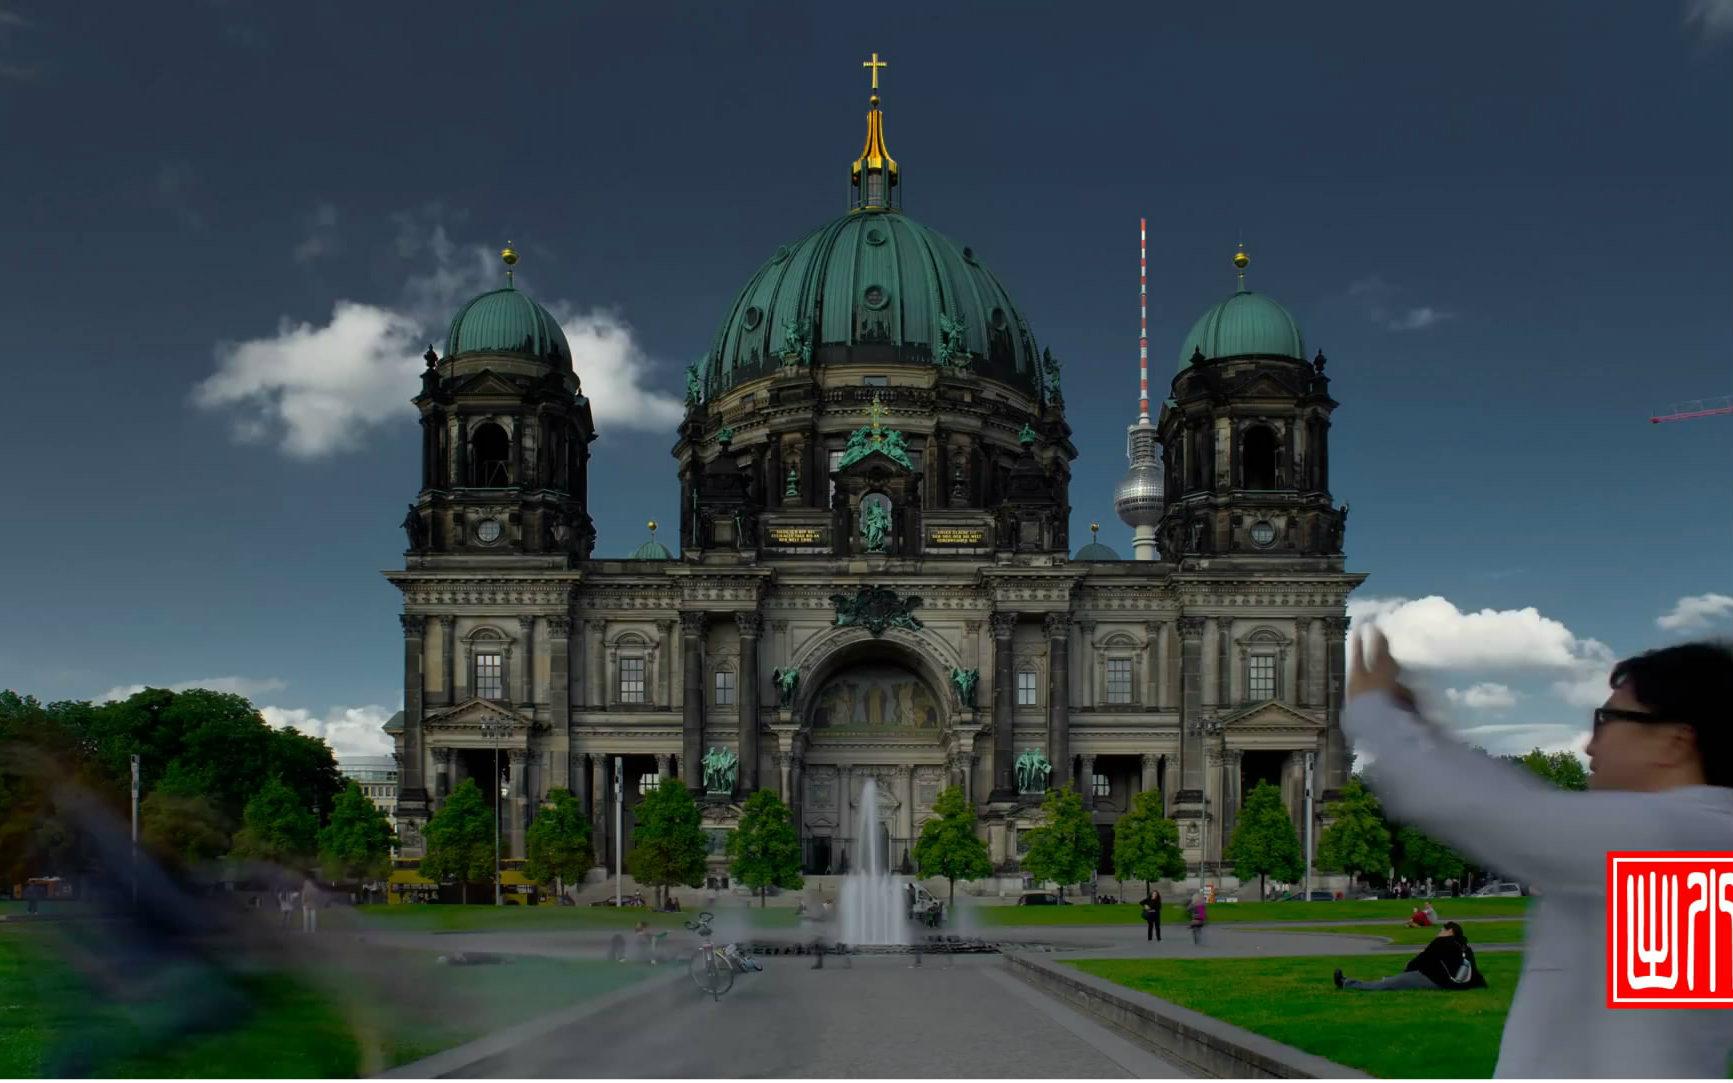 【城市风情】德国首都—柏林图片